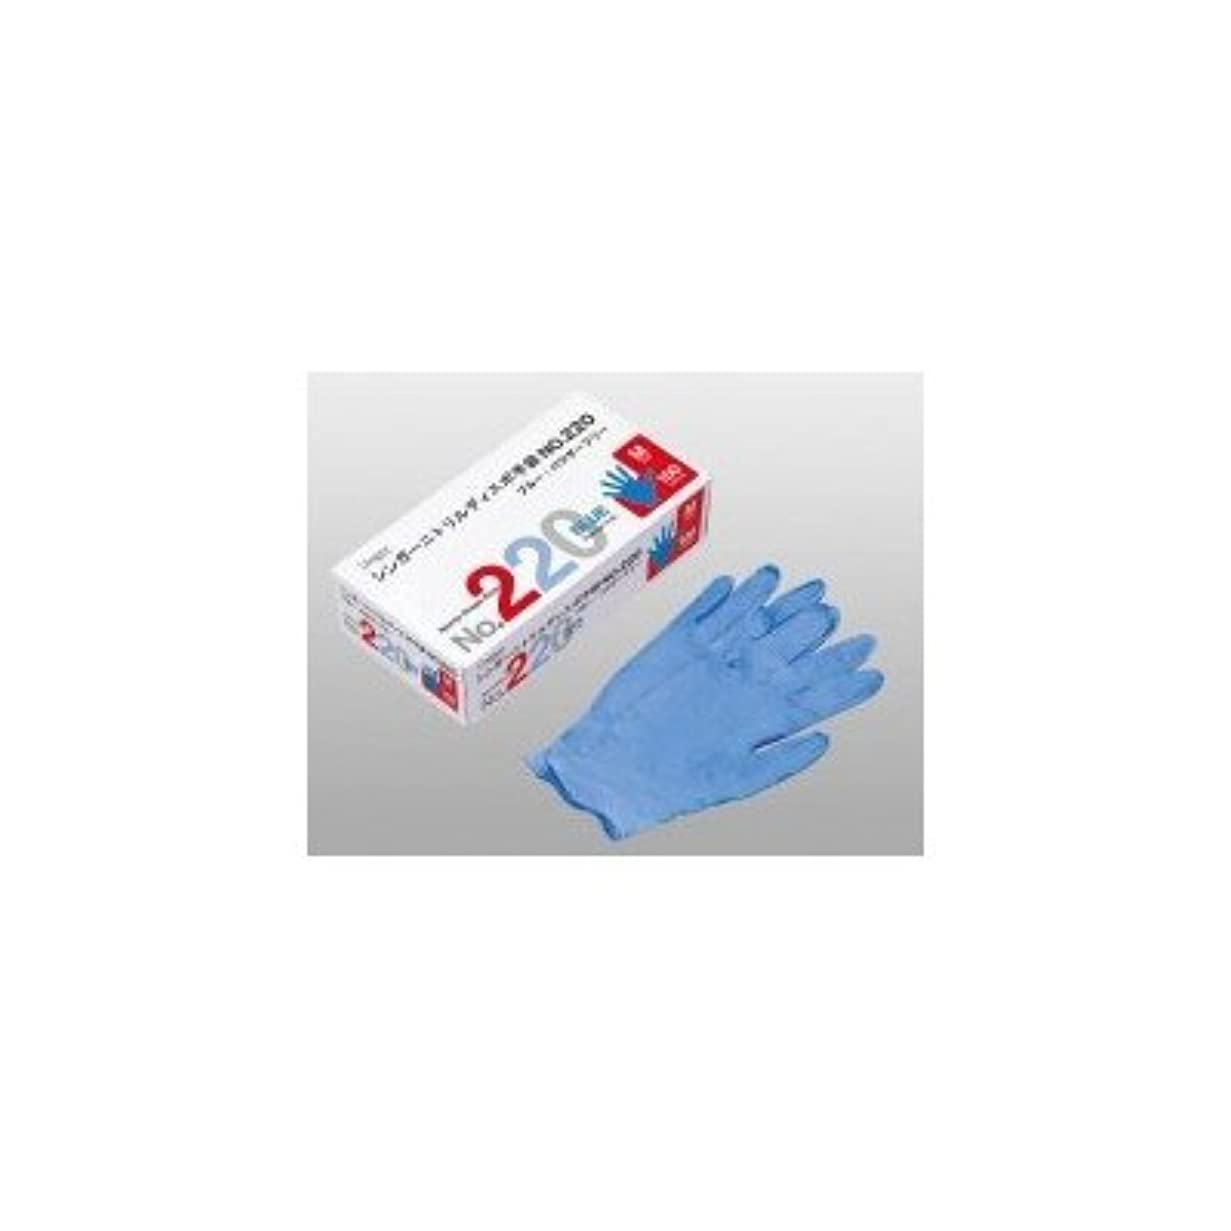 混乱情熱溝シンガーニトリルディスポ手袋 No.220 ブルー パウダーフリー(100枚) M( 画像はイメージ画像です お届けの商品はMのみとなります)